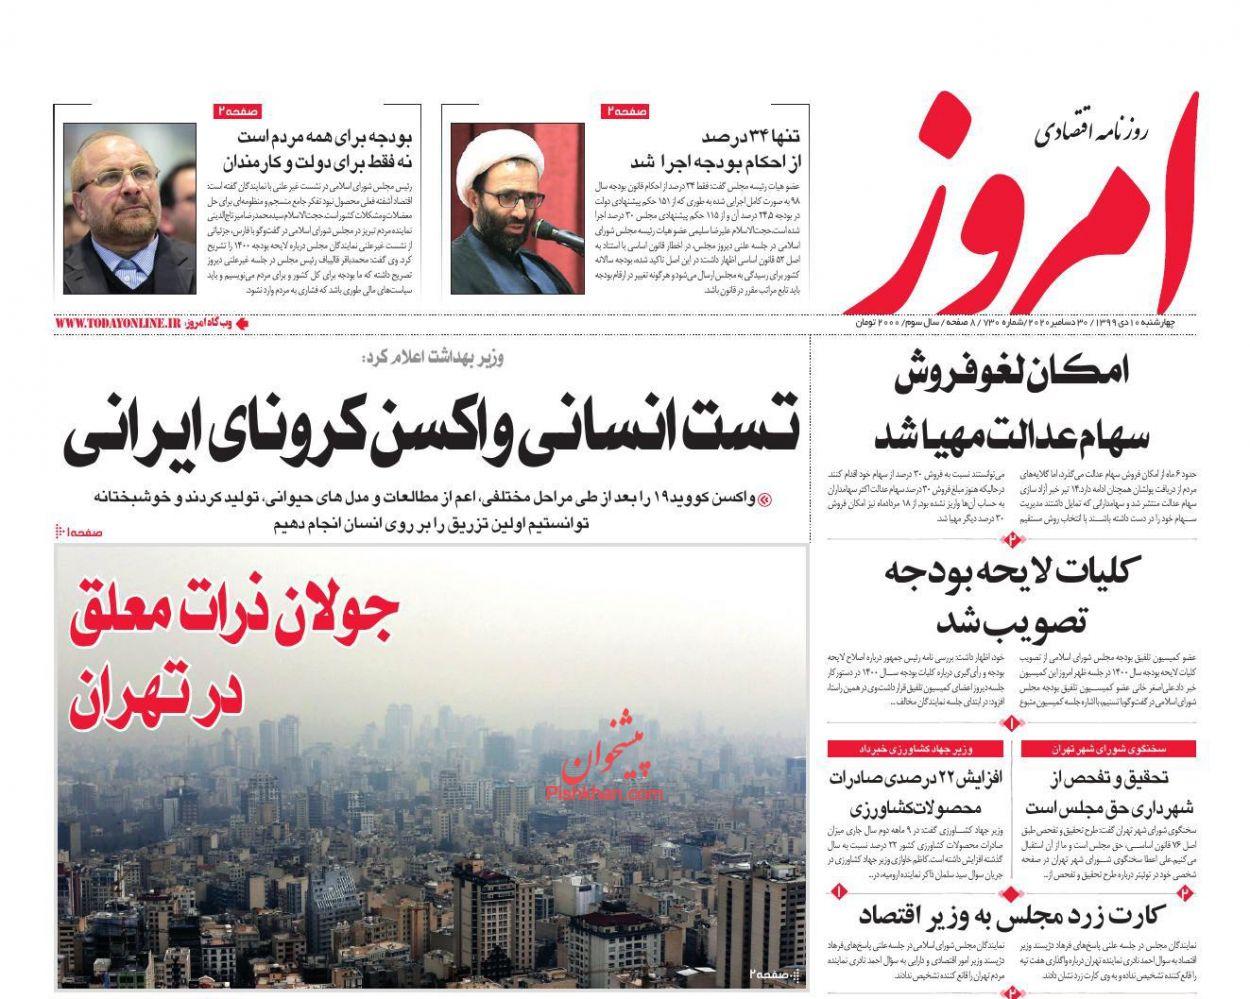 عناوین اخبار روزنامه امروز در روز چهارشنبه ۱۰ دی